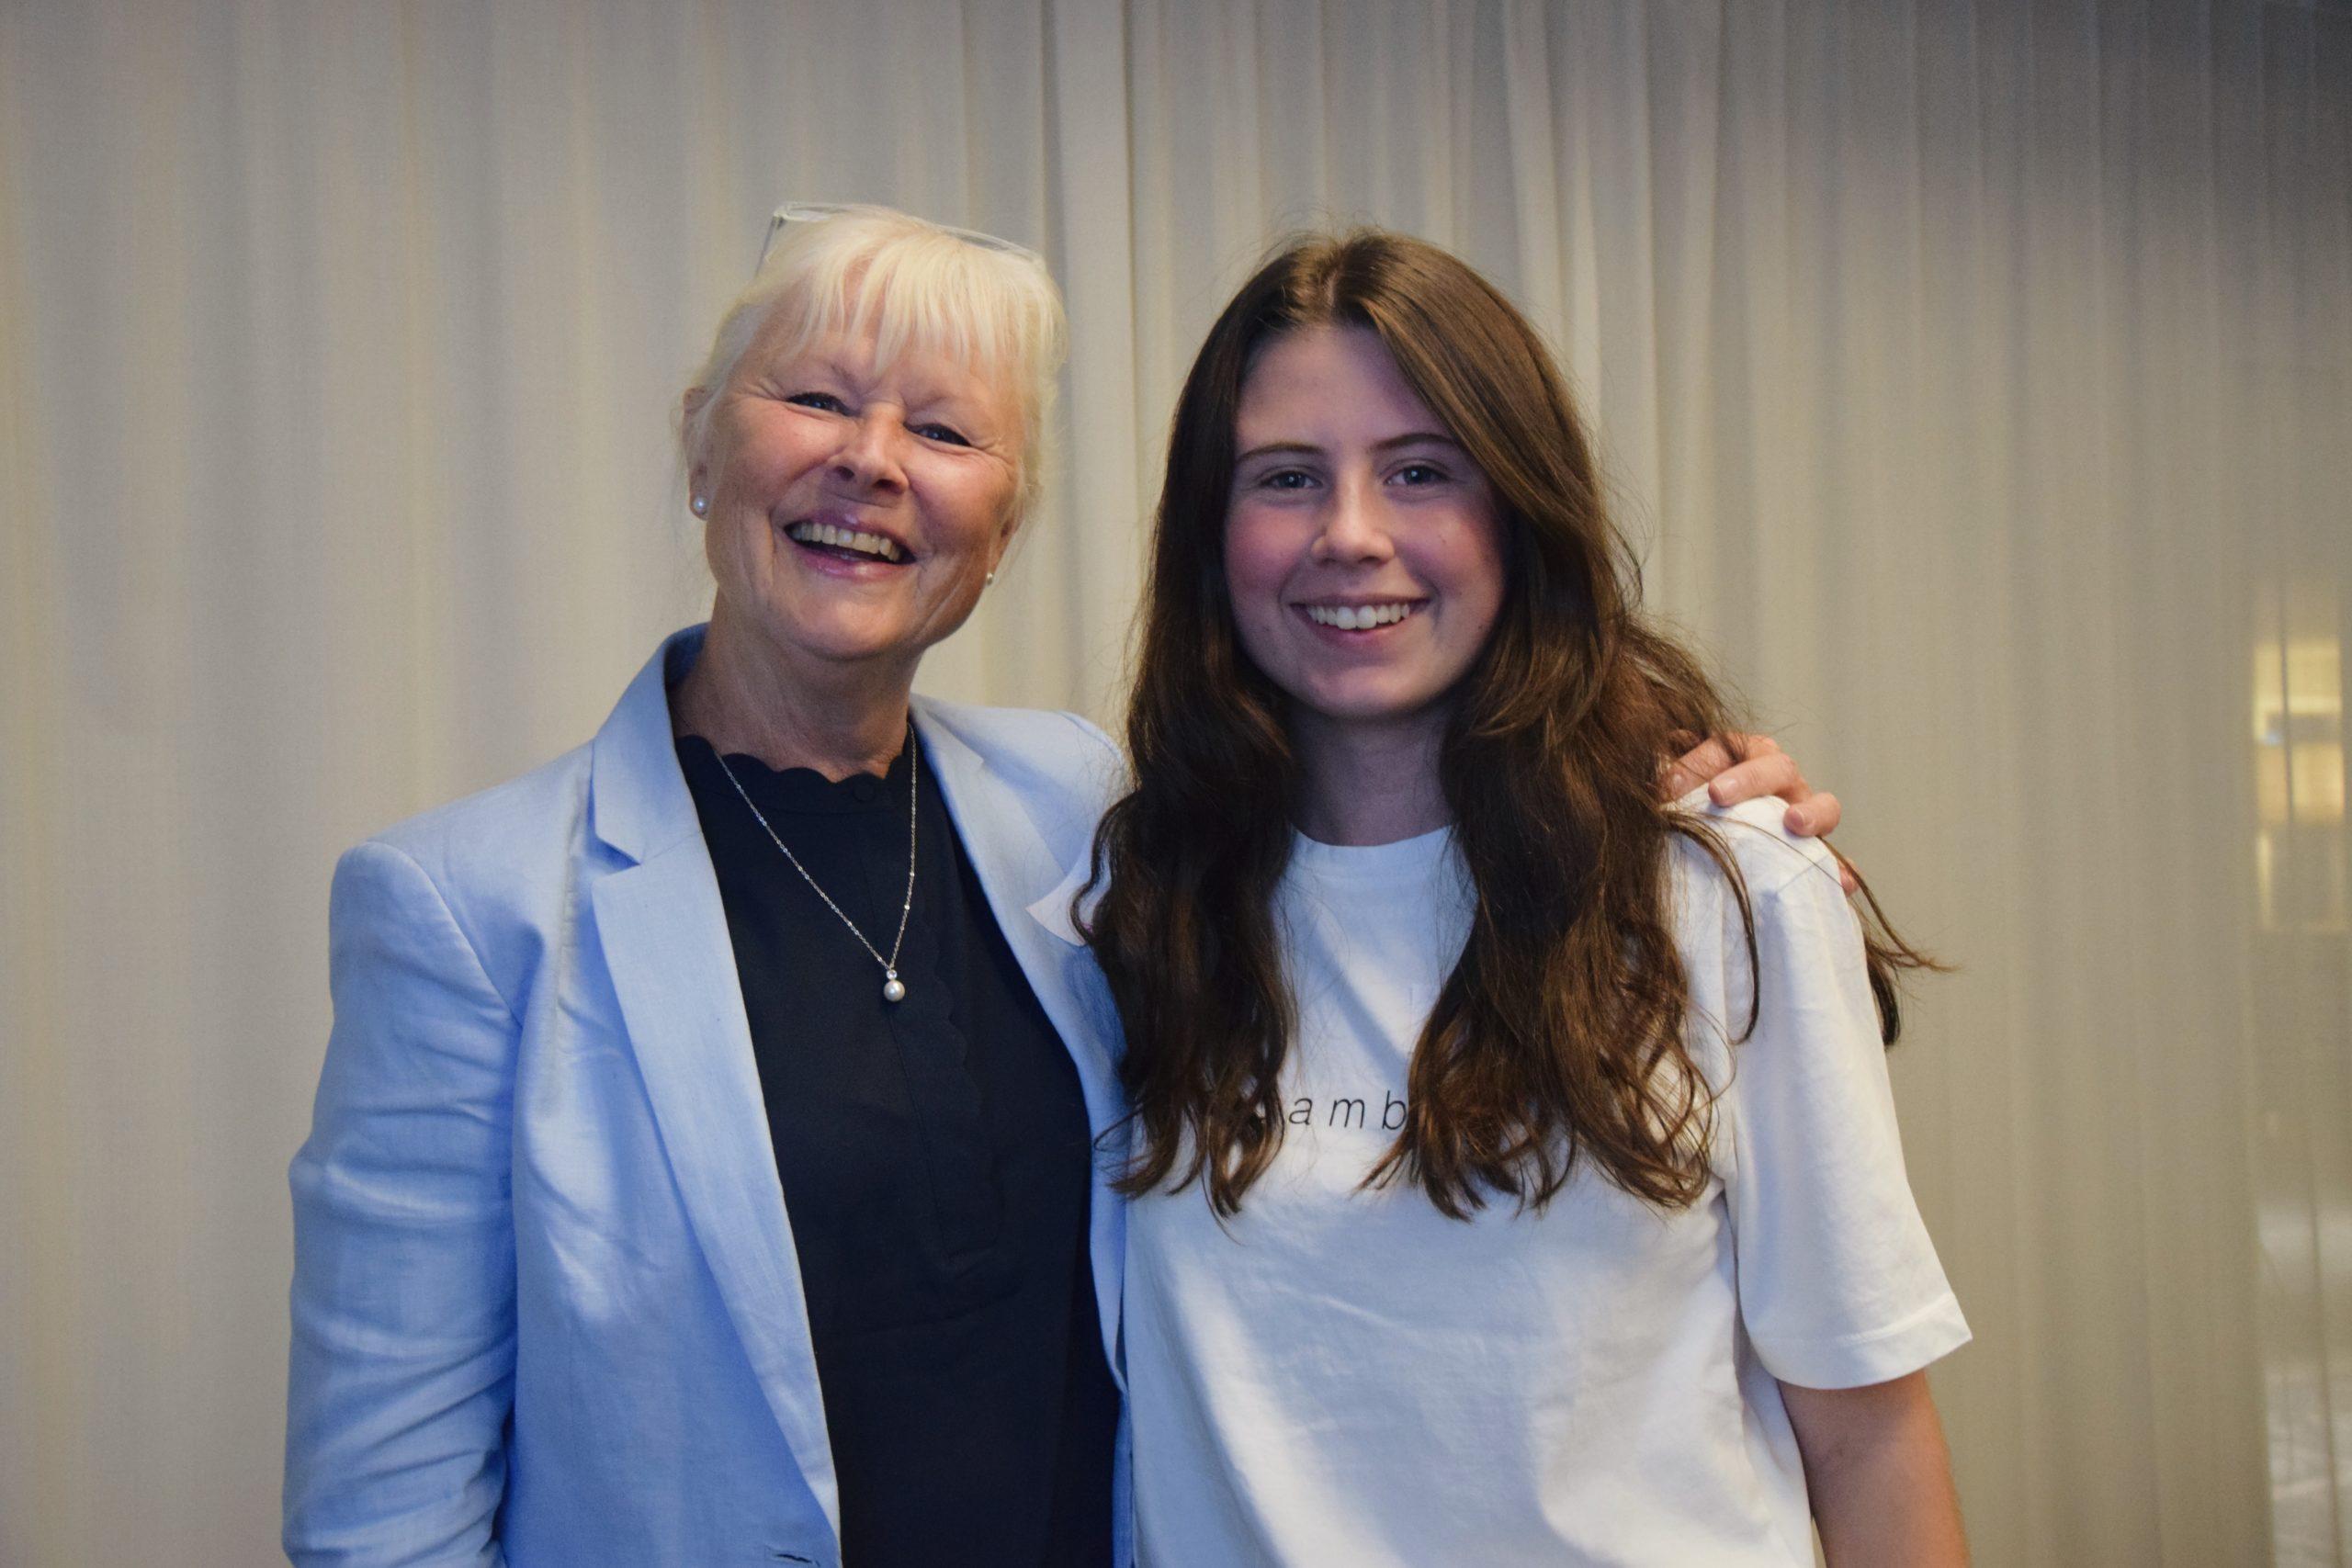 Mentor Sofia Malander för mentorskapsprogrammet 2019